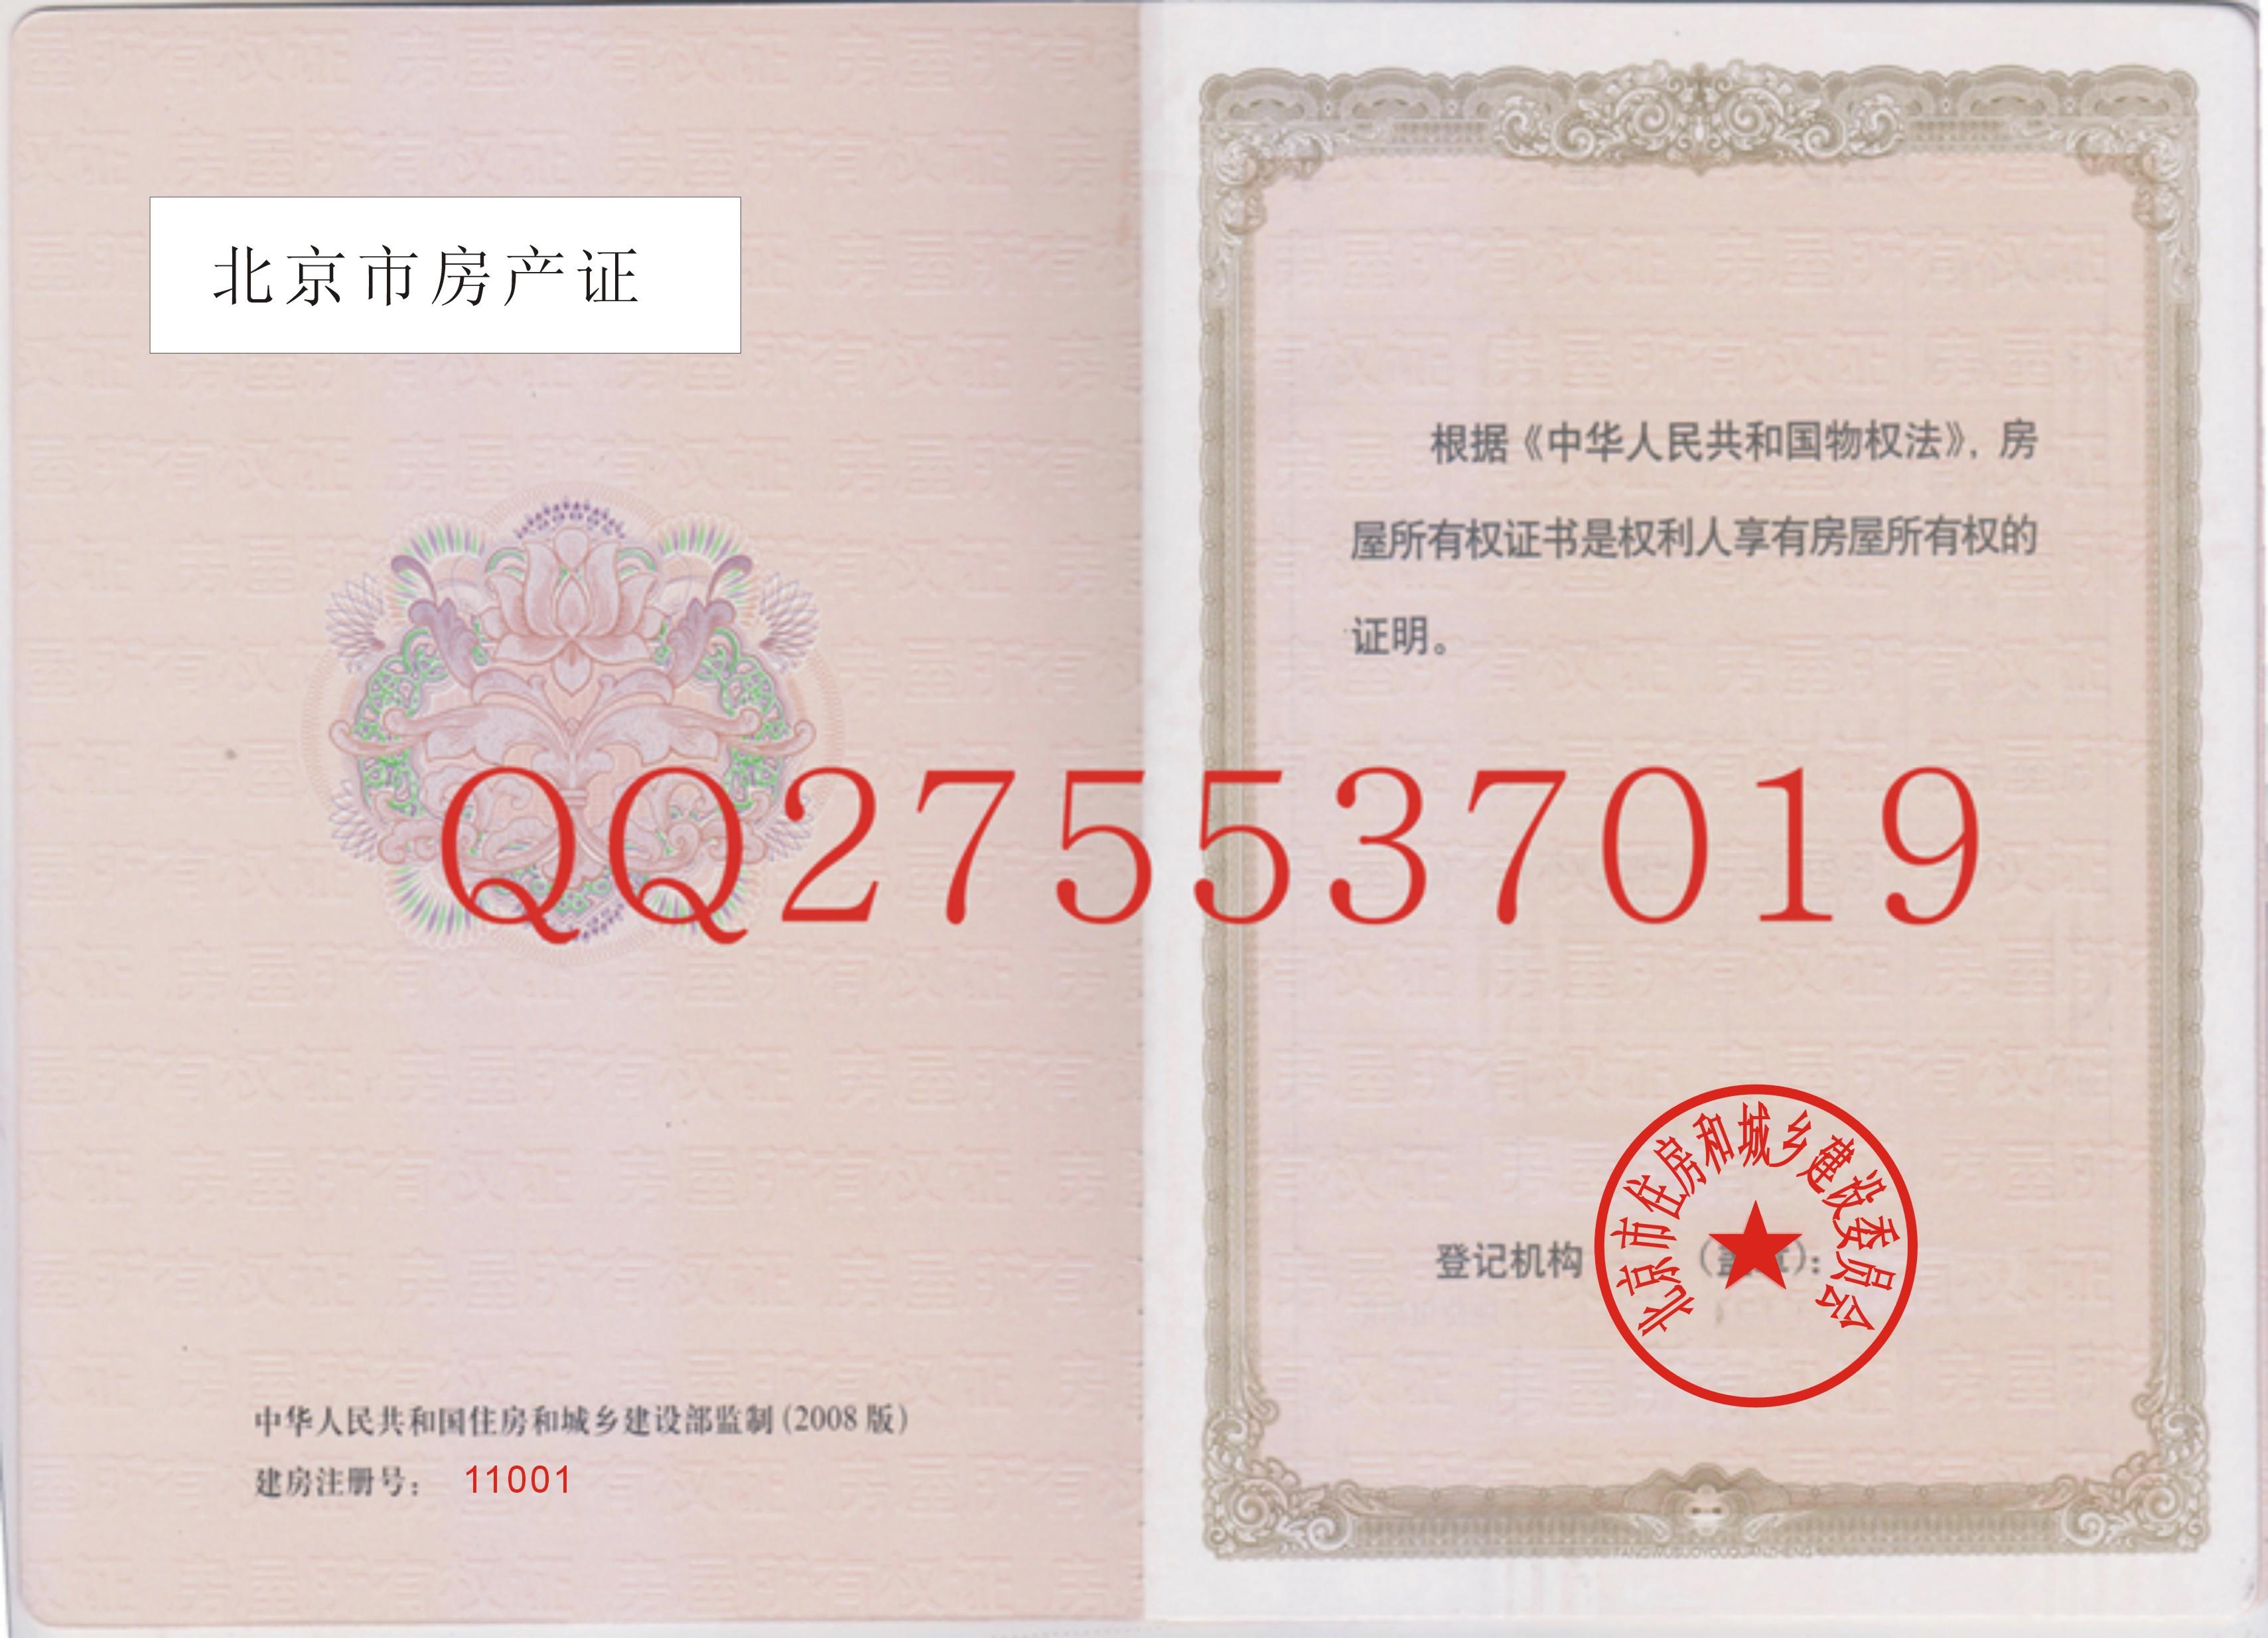 北京市房产证样本 - 房产证样本